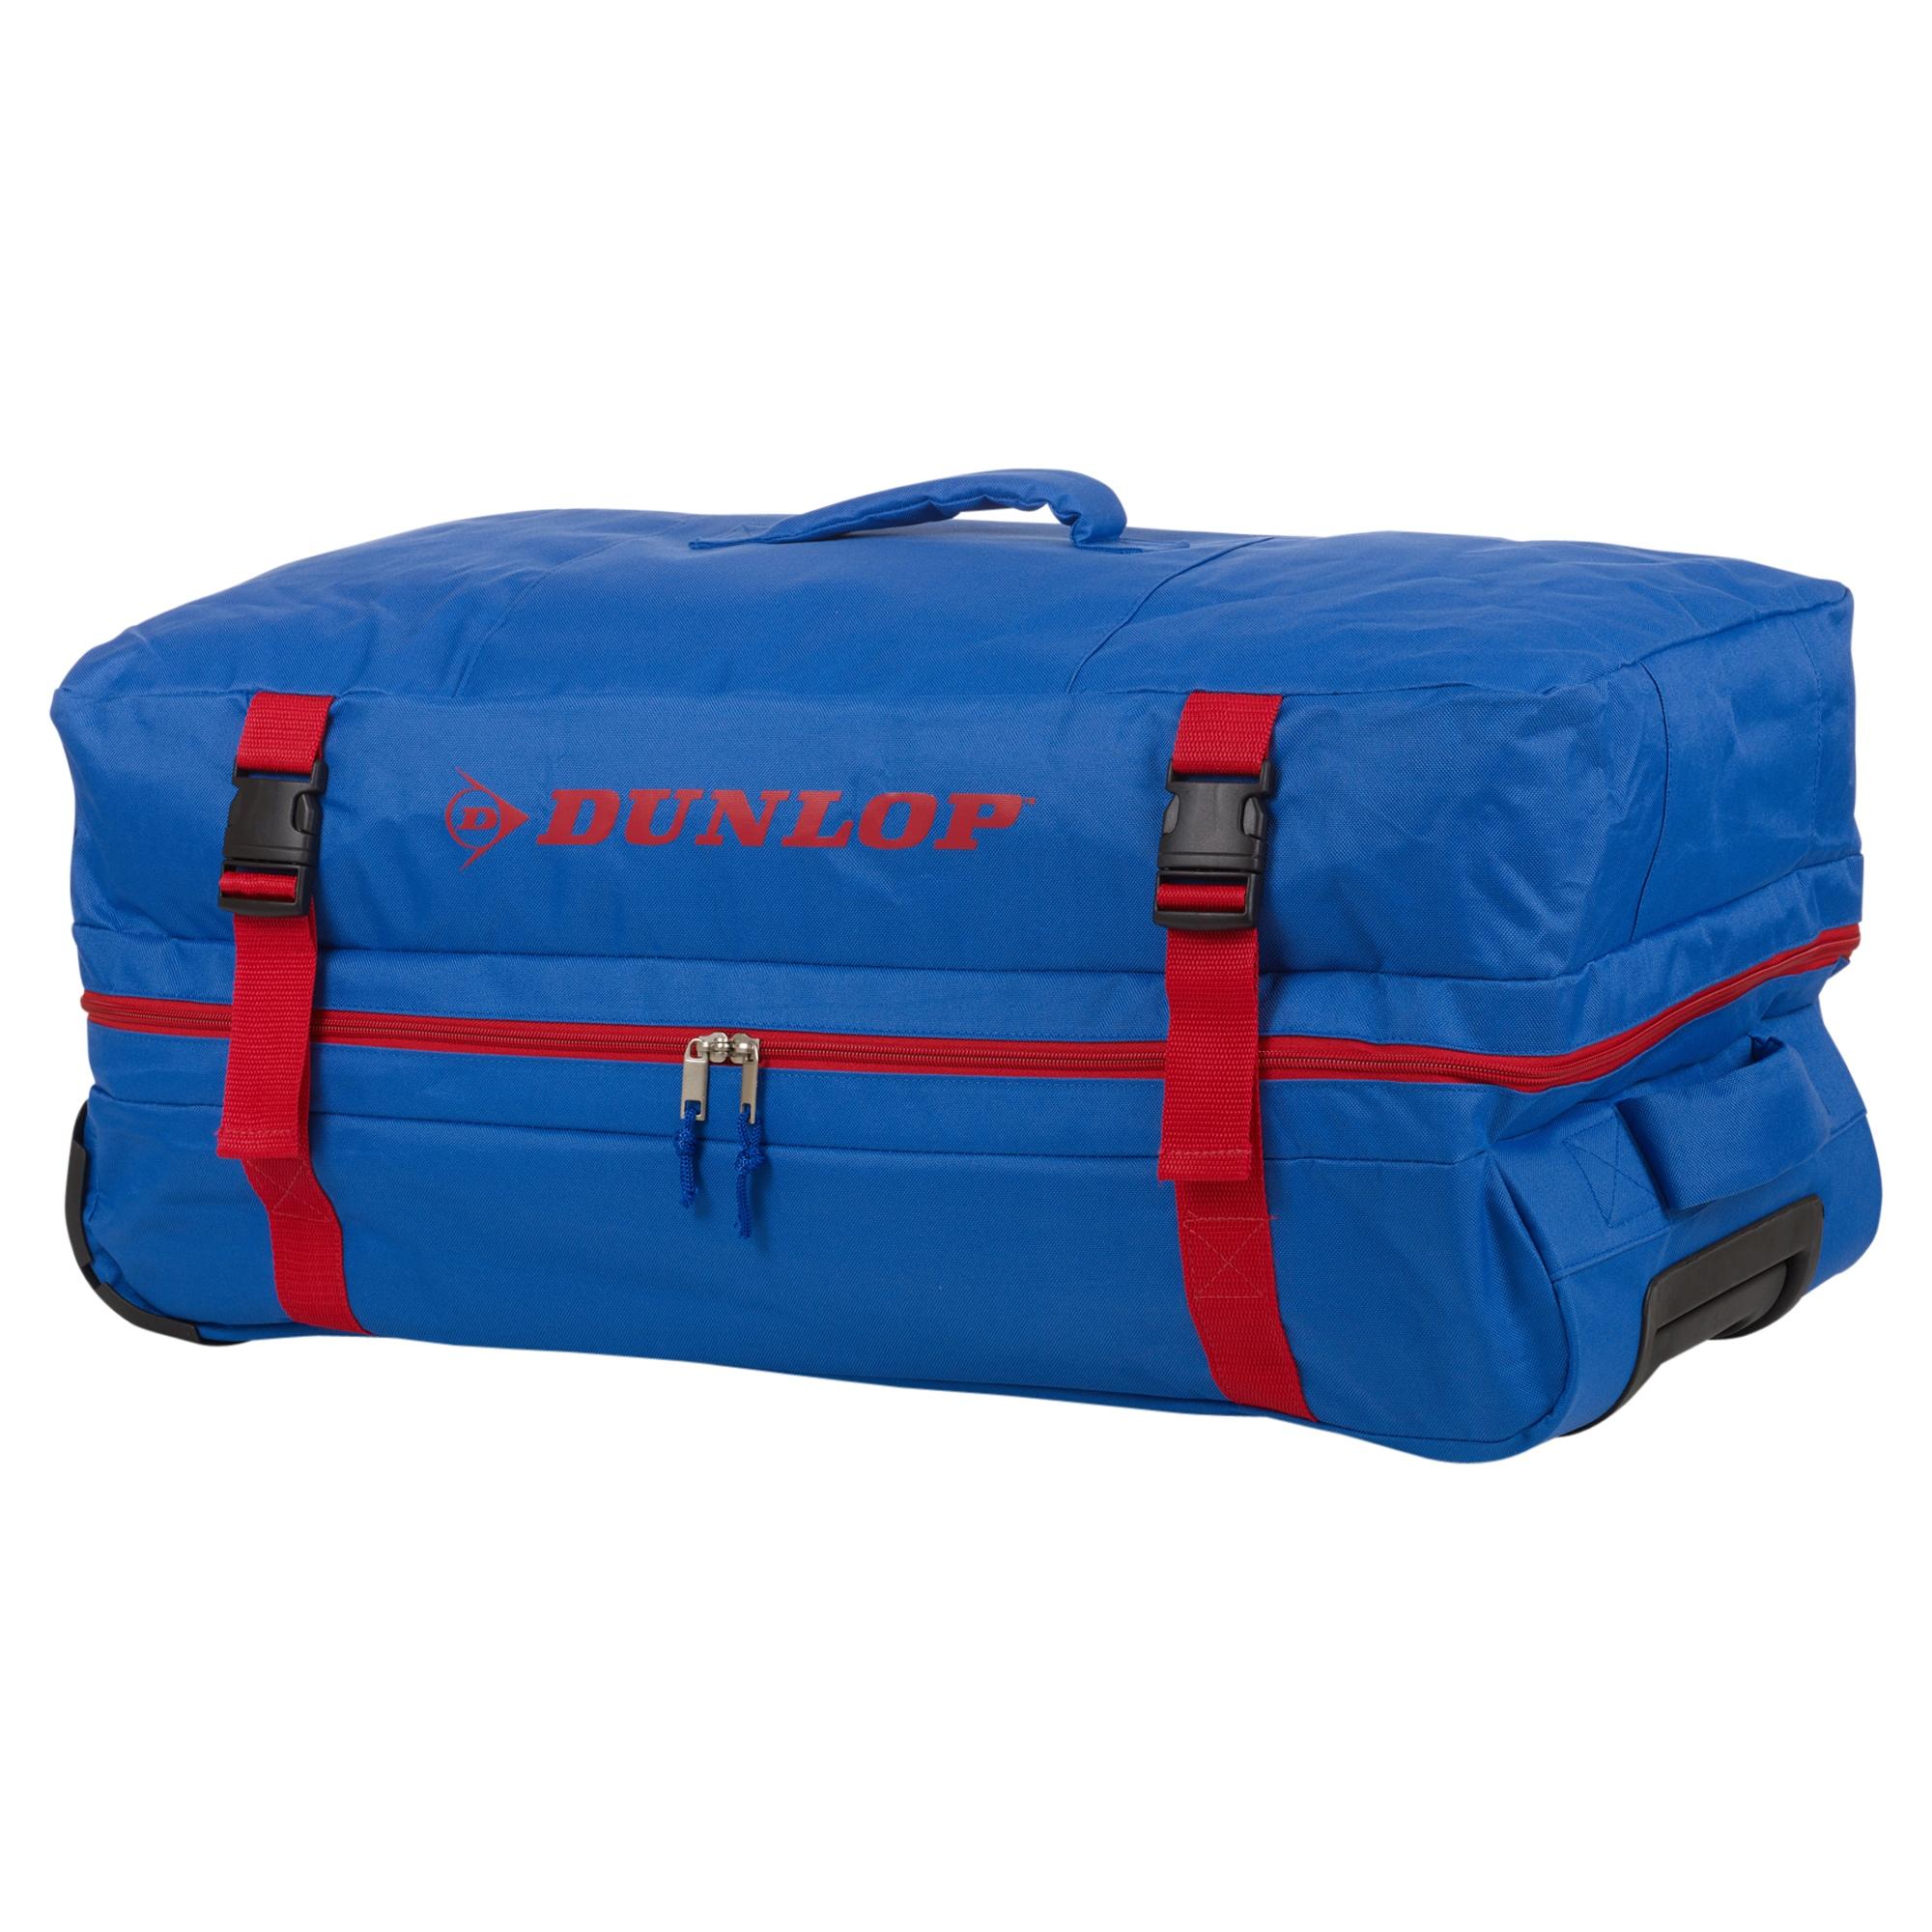 Gym Bag And Travel Bag The Same